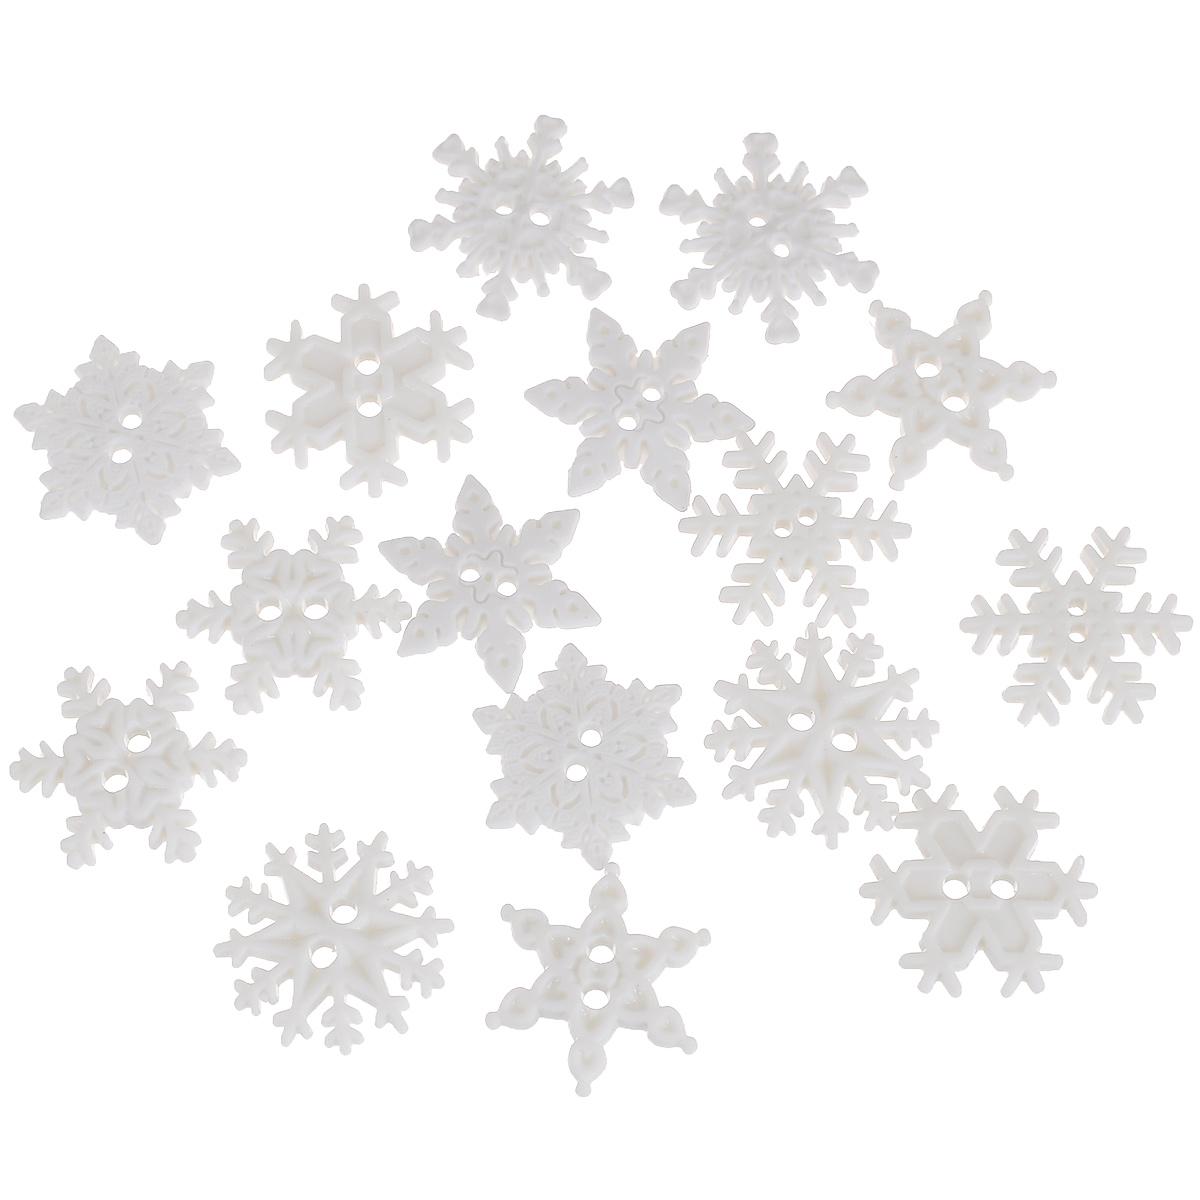 Пуговицы декоративные Dress It Up Снежинки, 14 шт. 7702480(2892)7702480Набор Dress It Up Снежинки состоит из 14 декоративных пуговиц, изготовленных из пластика. С их помощью вы сможете украсить открытку, фотографию, альбом, одежду, подарок и другие предметы ручной работы. Все пуговицы в наборе имеют оригинальный и яркий дизайн. Материал: пластик. Диаметр пуговицы: 1,8 см.